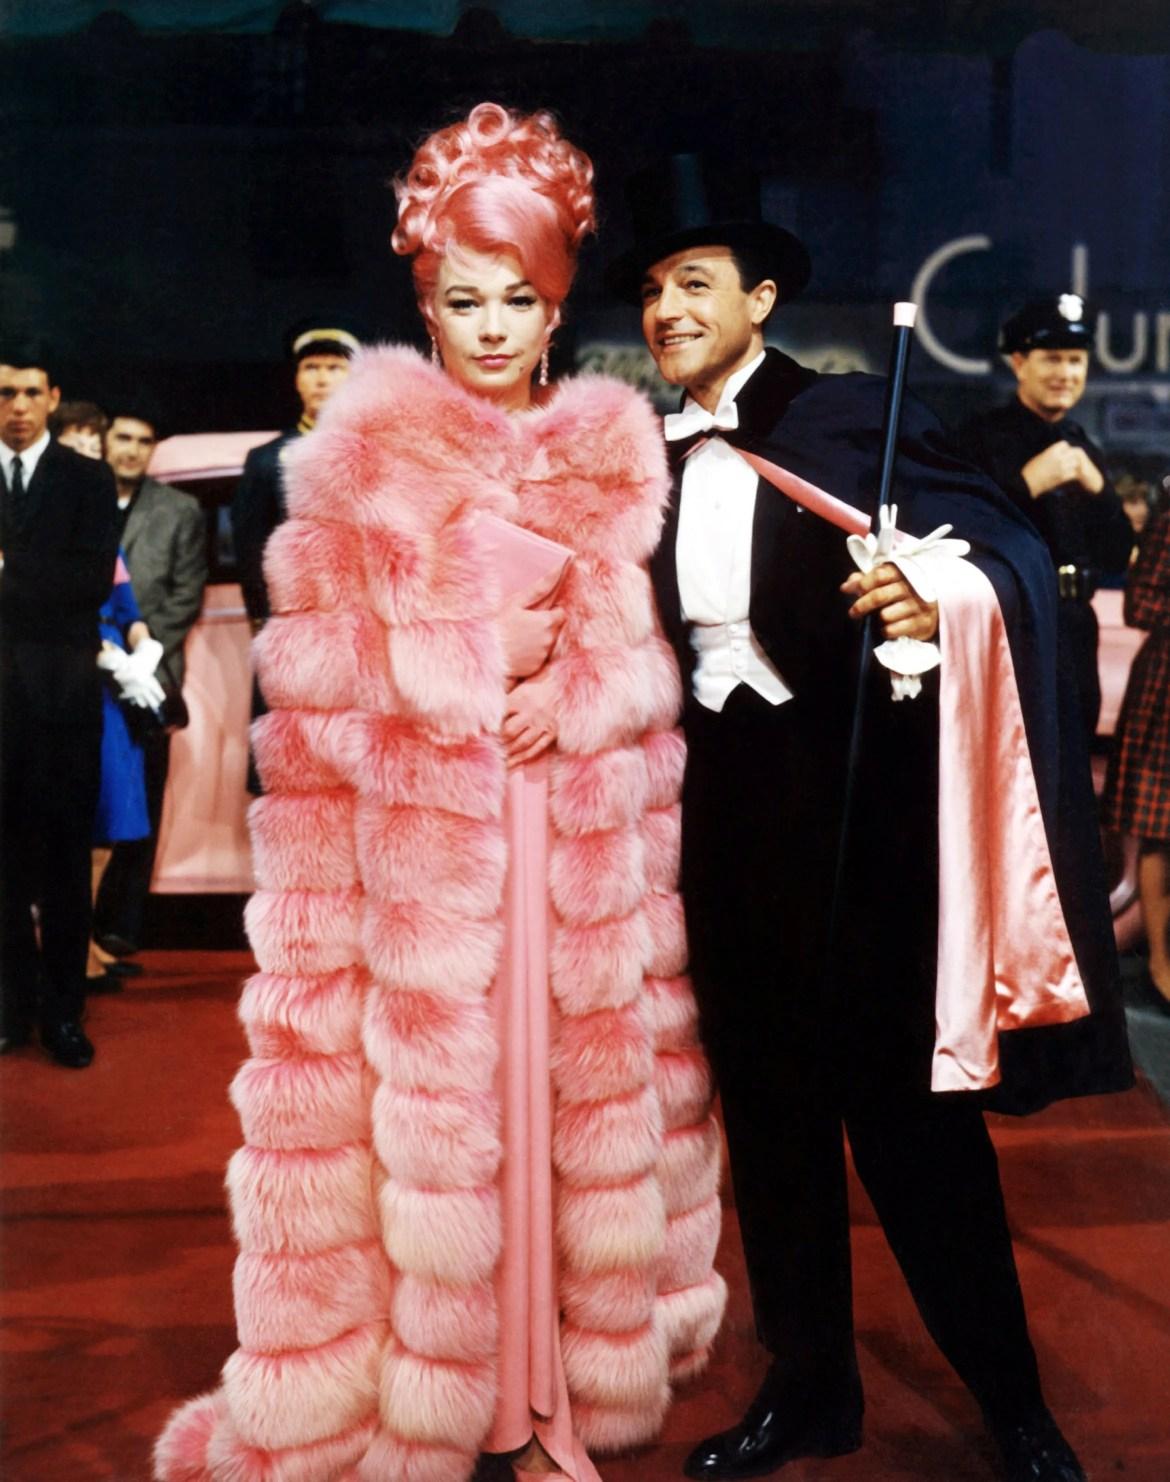 Cena de What a Way to Go! com Shirley McLaine e Gene Kelly, inspiração para o look de Lizzo.